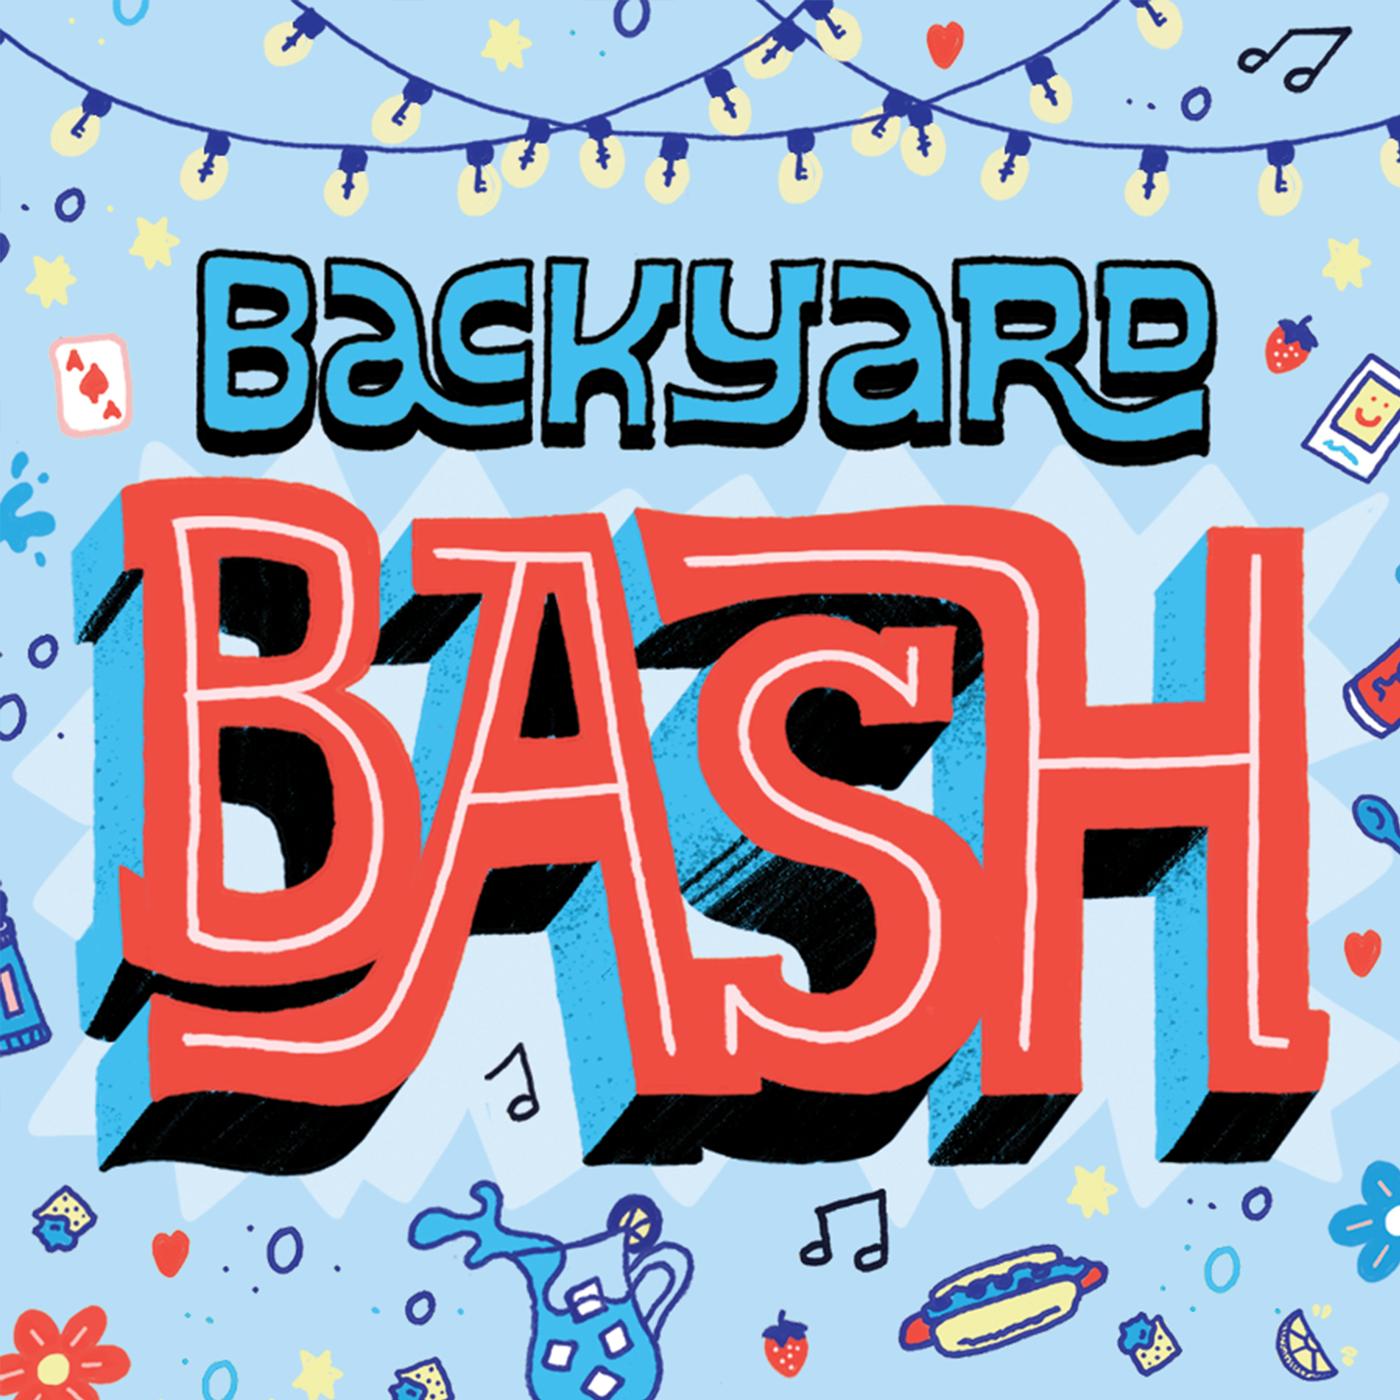 Backyard_bash_lettering.png